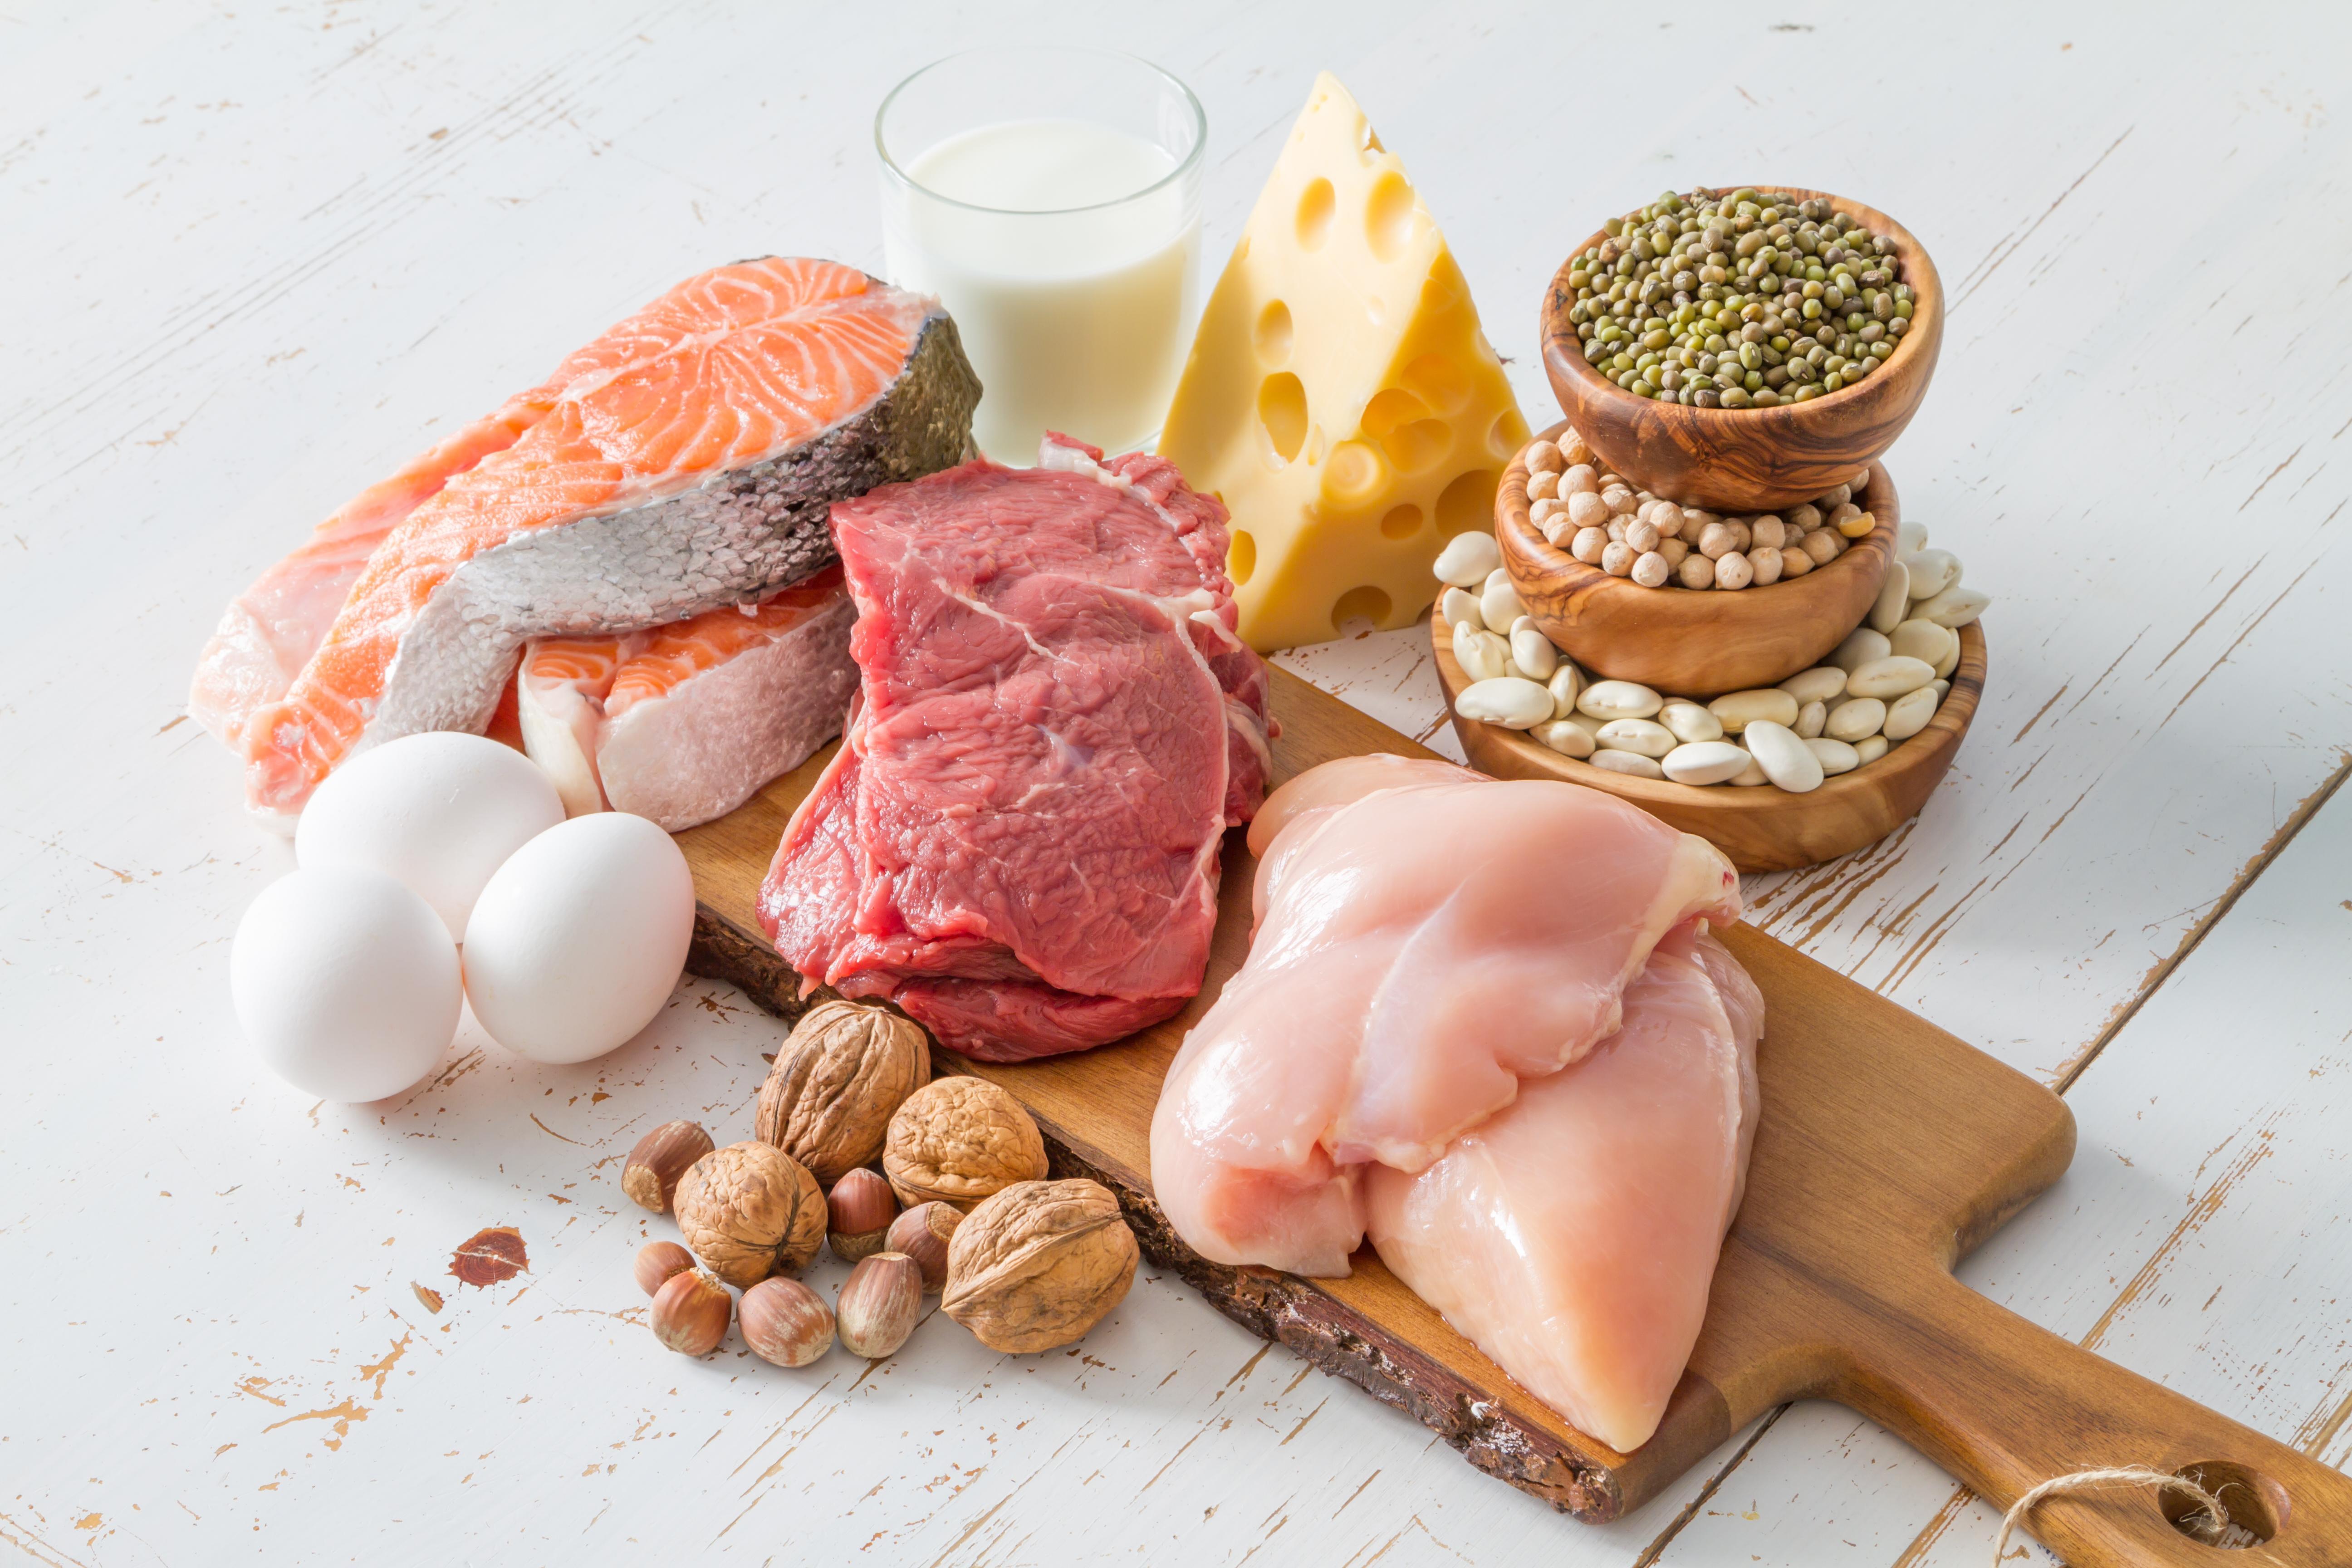 【ダイエットから健康法に】「制限」だけではないMEC食。背景を知ってうまく取り入れよう!